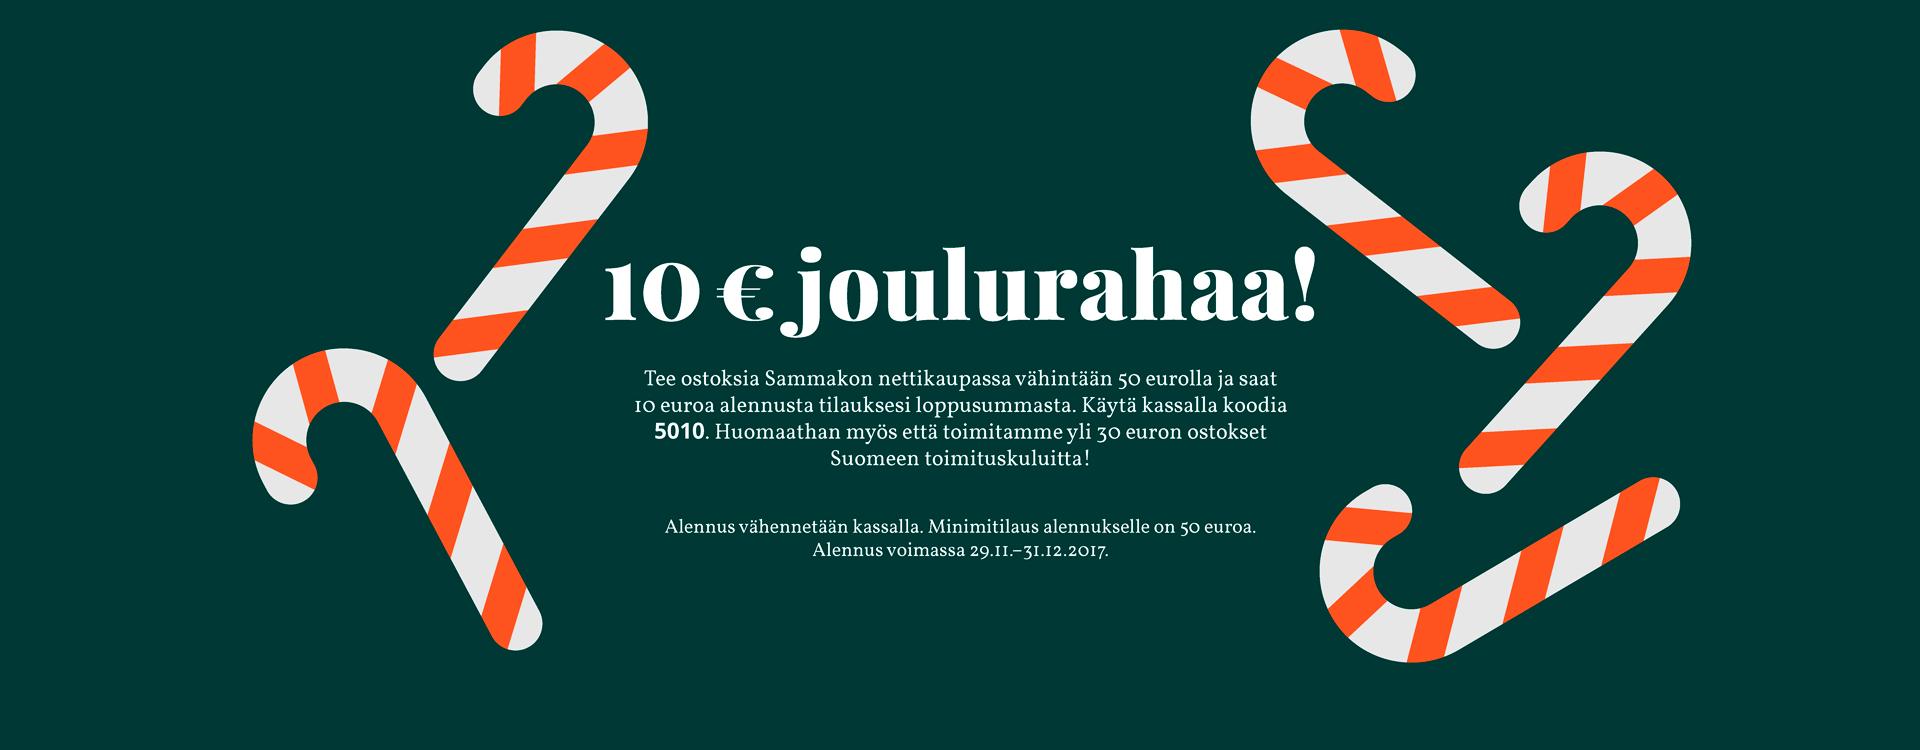 10-euroa-alennusta-slidemainos